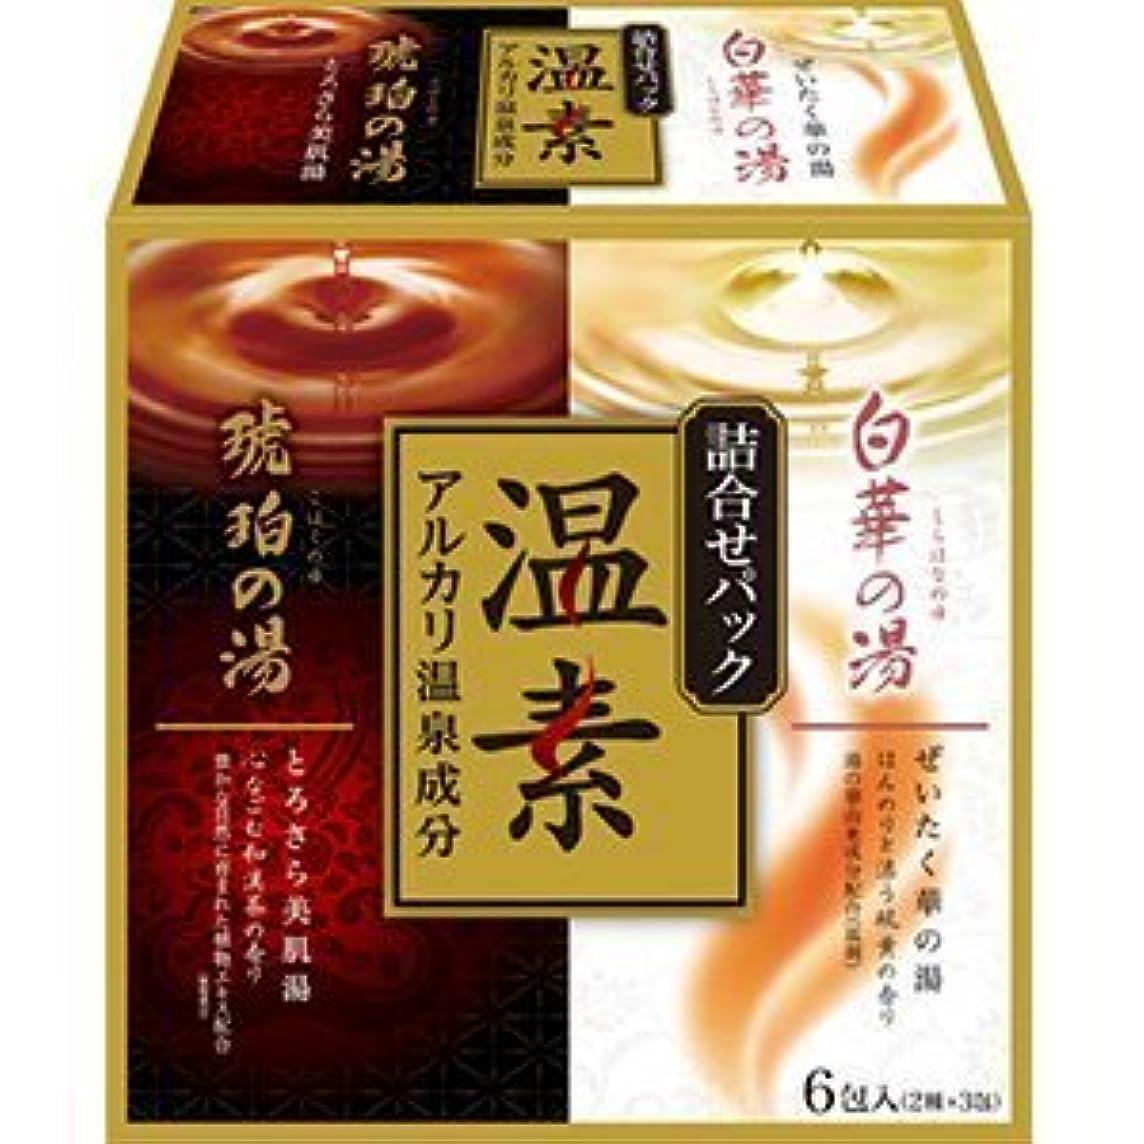 膨張するアンソロジー微弱温素 琥珀の湯&白華の湯 詰合せパック × 10個セット